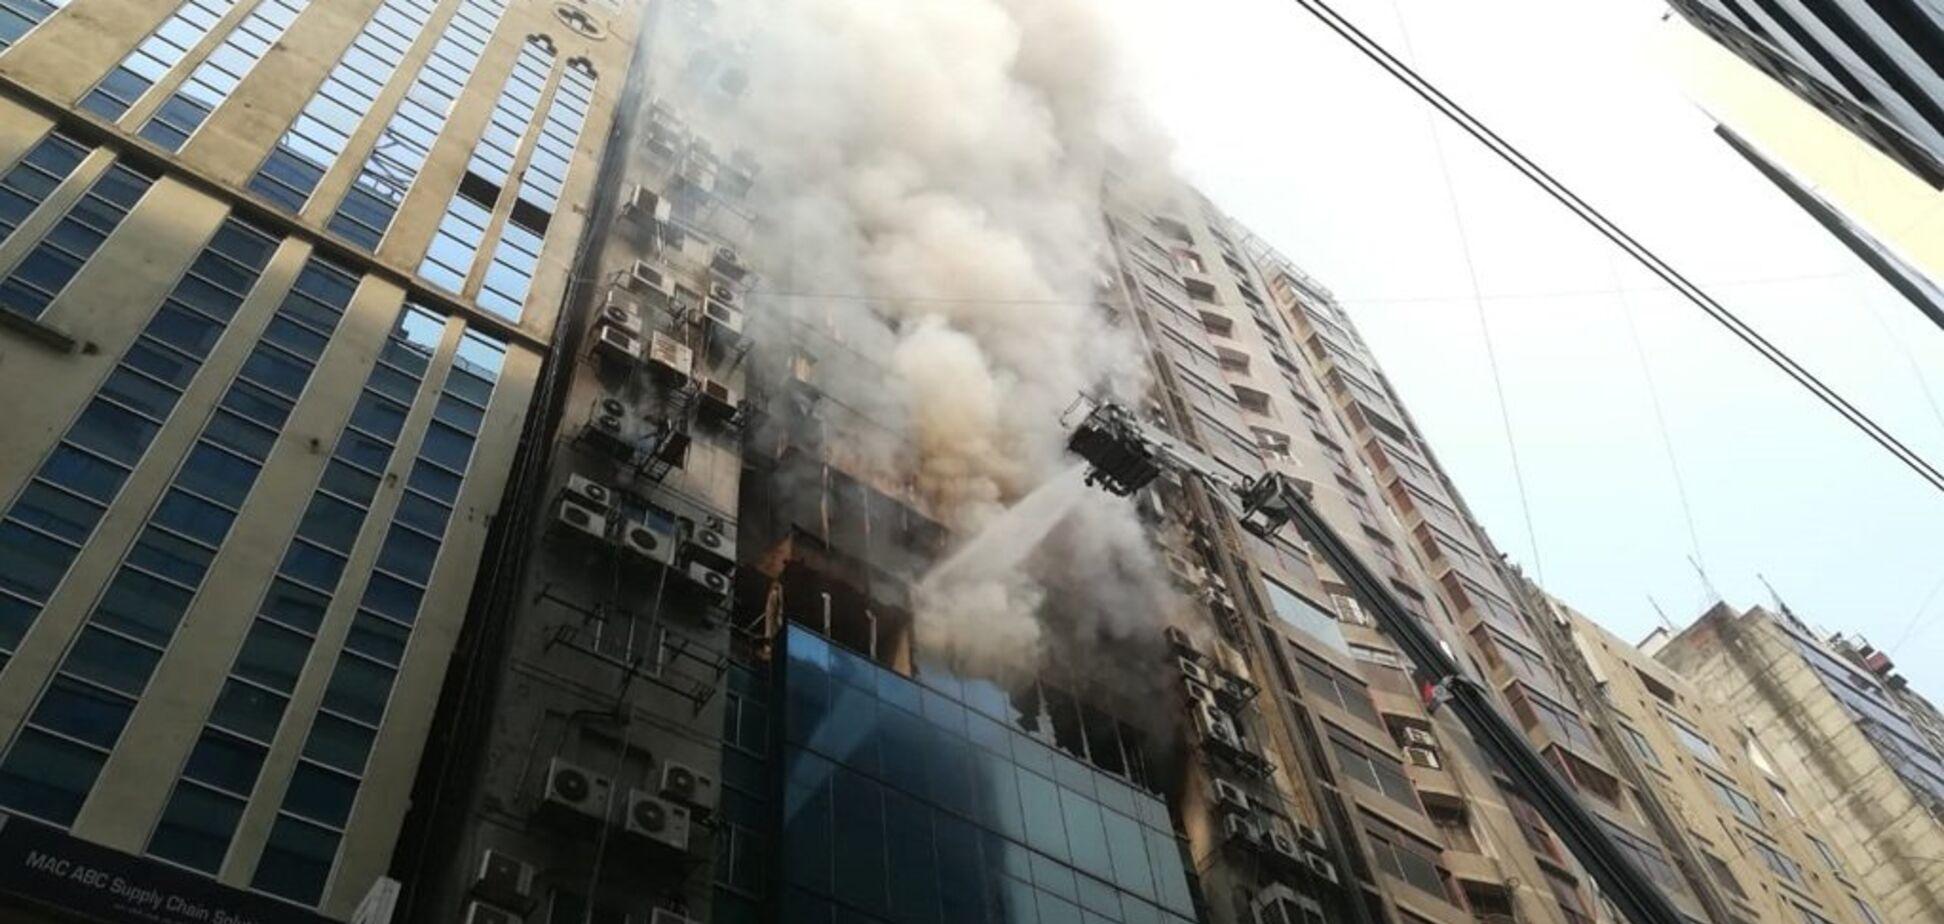 Люди вистрибували з вікон: у Бангладеші спалахнув хмарочос. Фото і відео трагедії